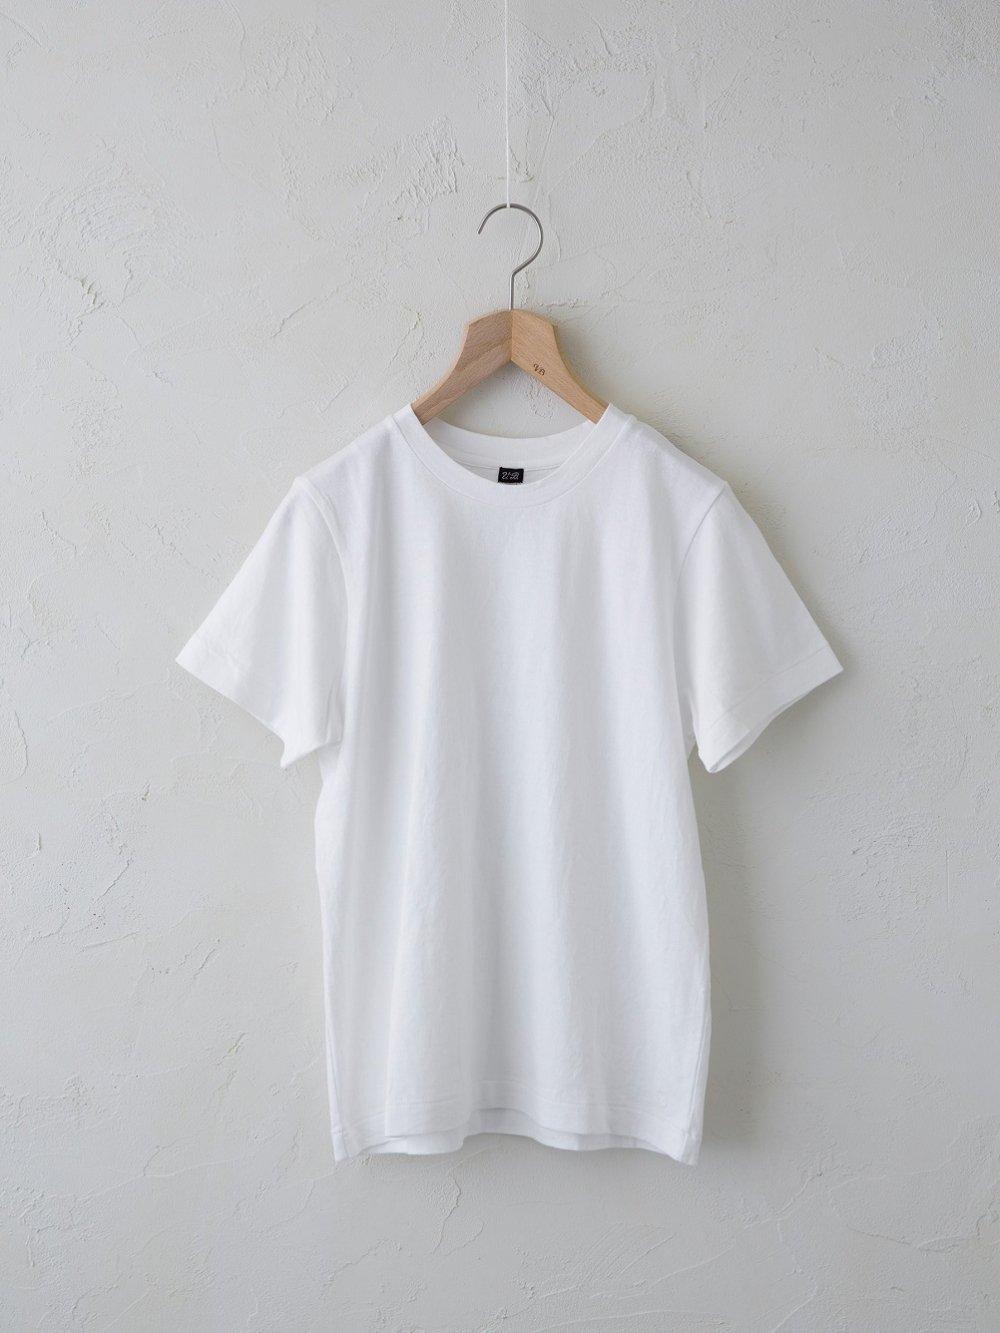 & Twelve Linen(天竺)半袖Tシャツ (Ladies' & Men's)